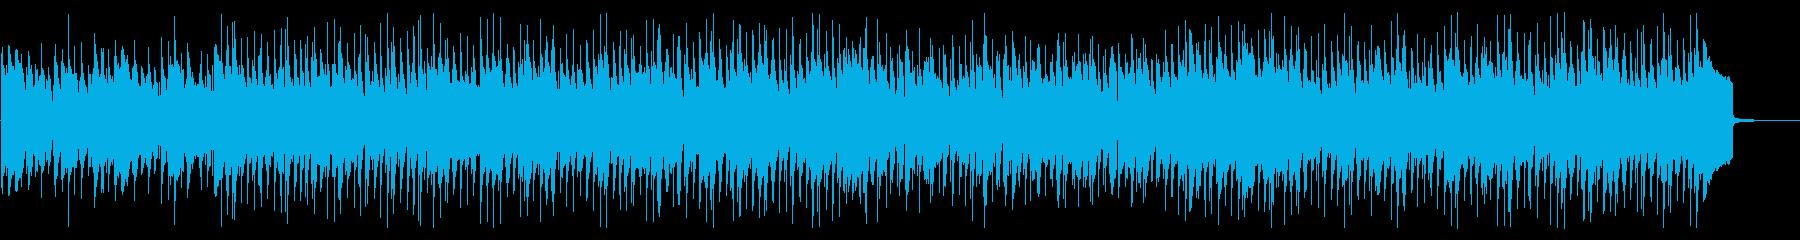 口笛や木琴/明るく爽やか/散歩/企業VPの再生済みの波形